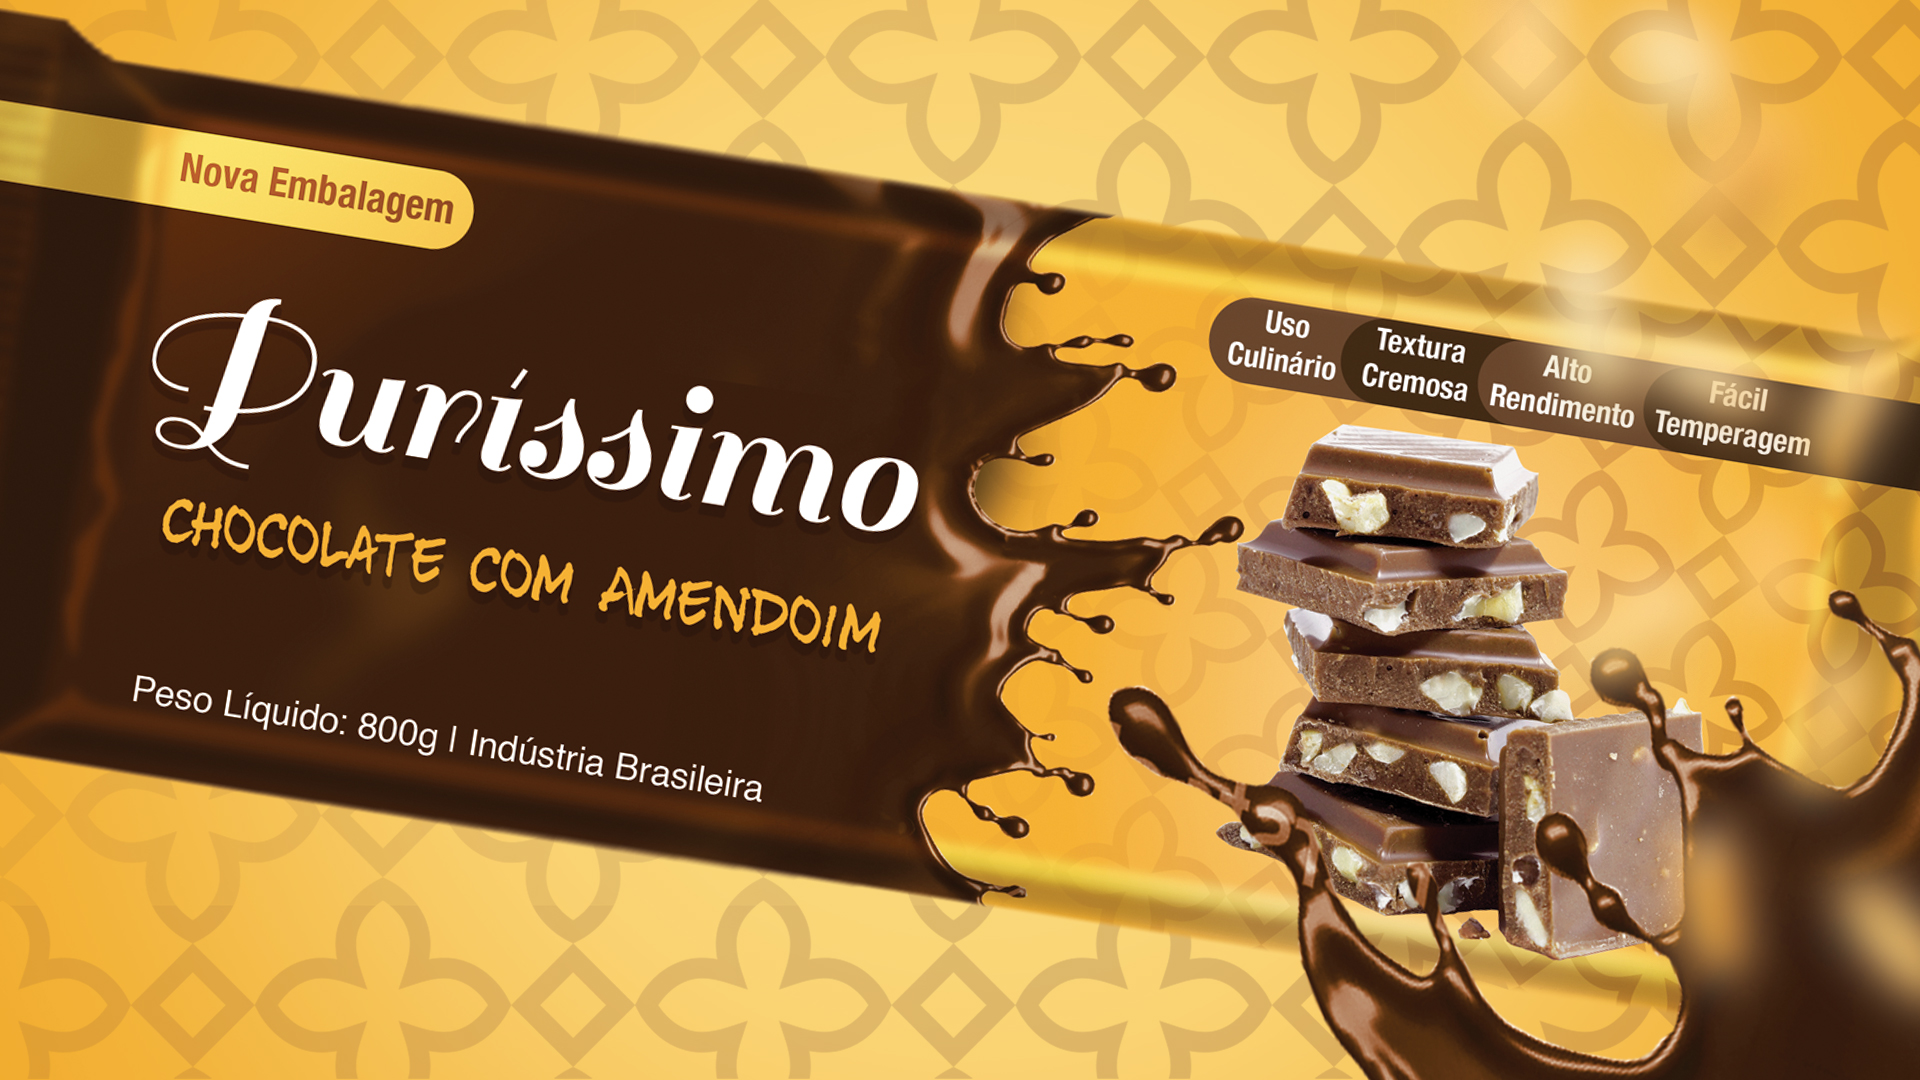 Purissimo Chocolate com Amendoim